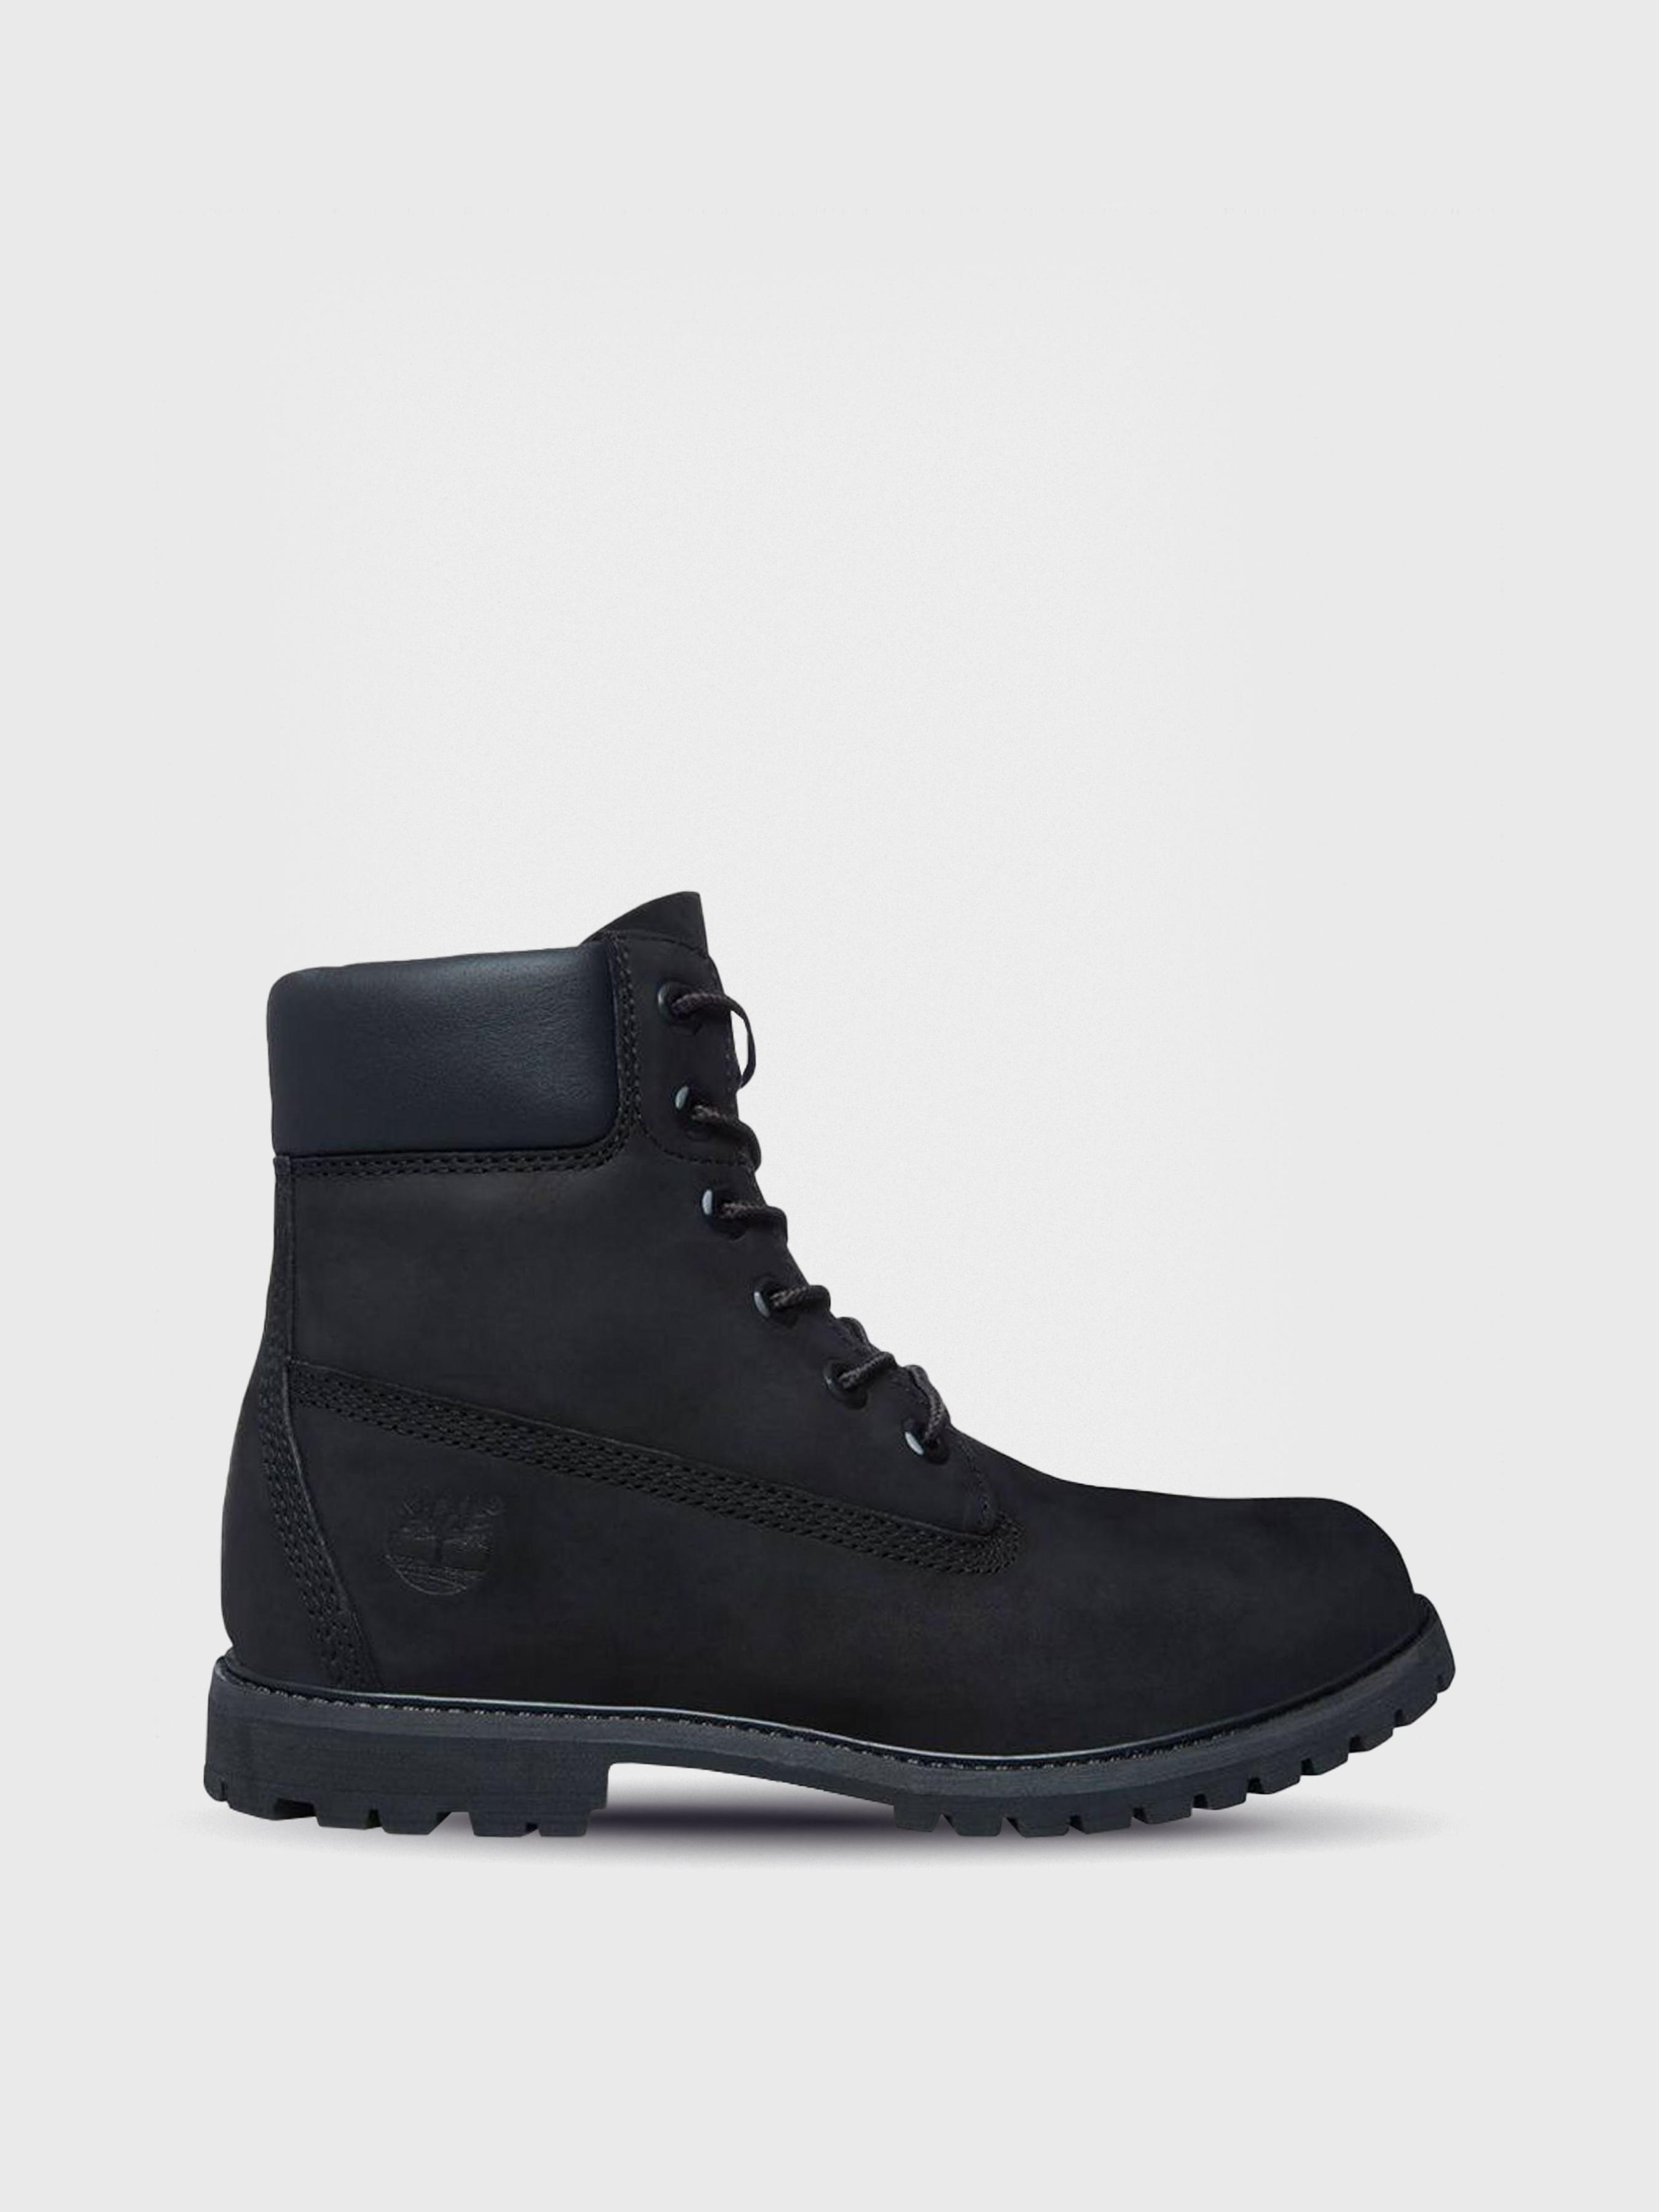 Купить Ботинки женские Timberland 6 In Premium TG1930, Черный